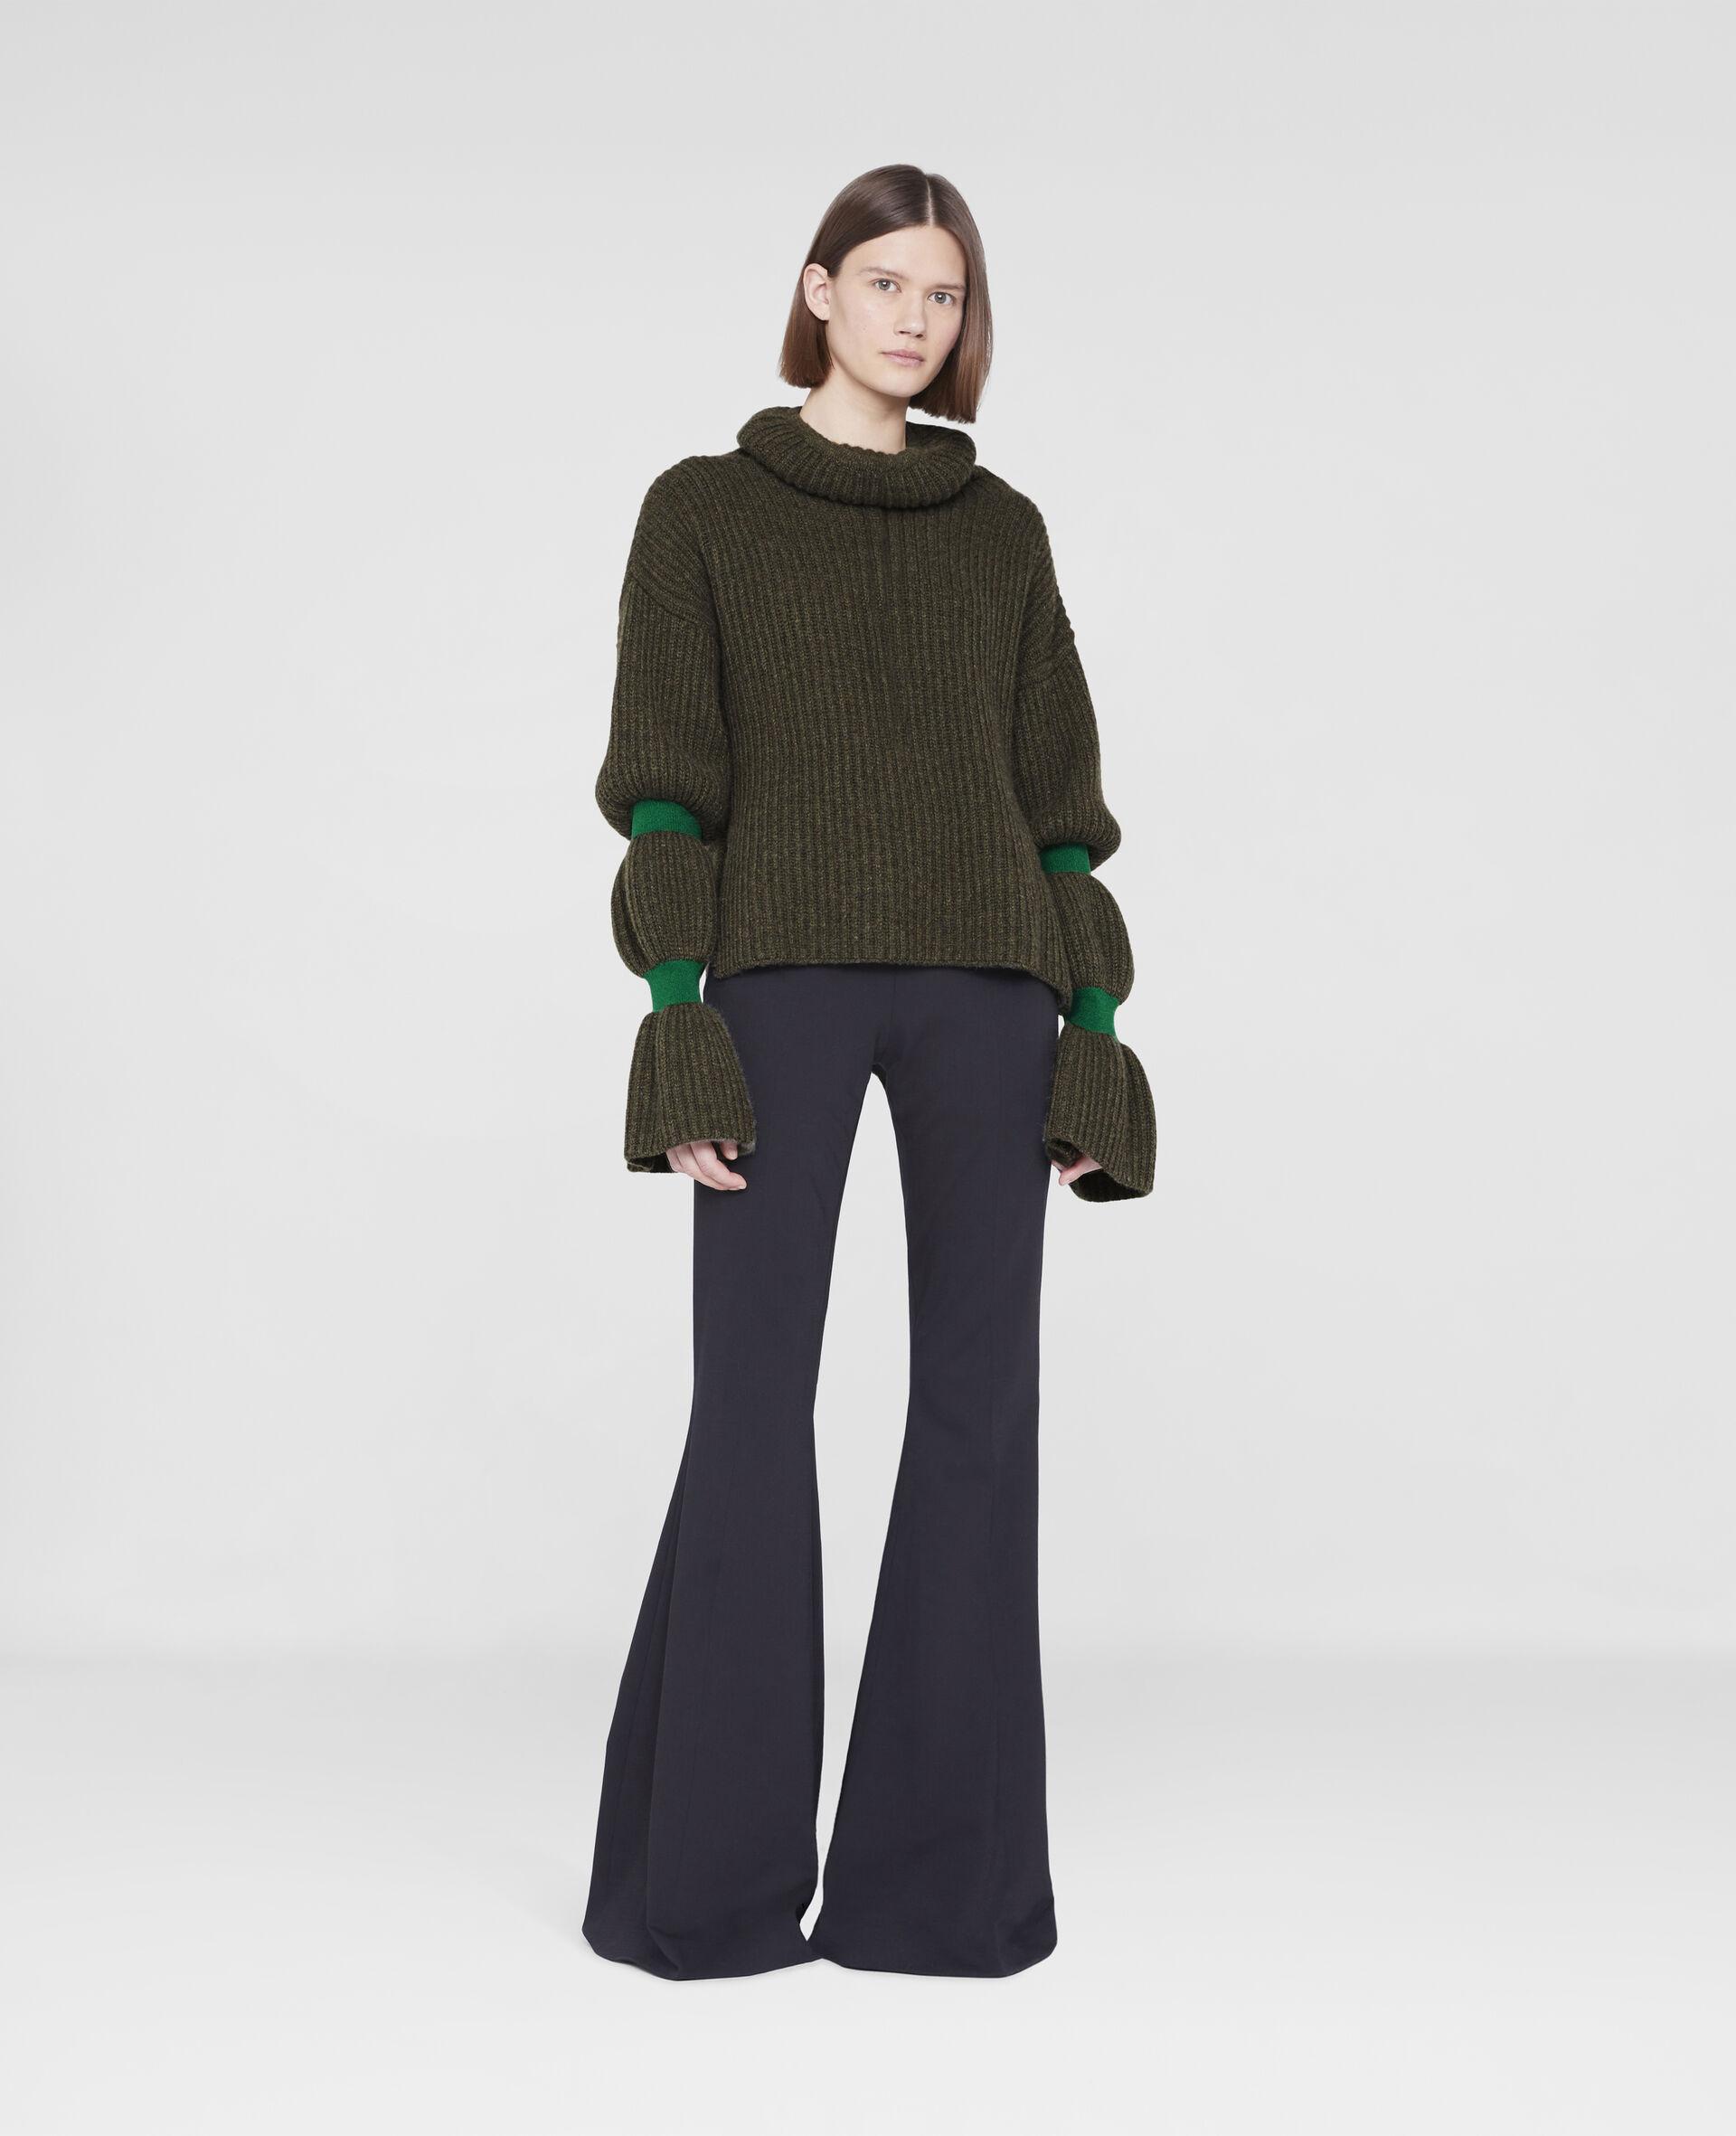 Weicher, voluminöser Pullover-Grün-large image number 1